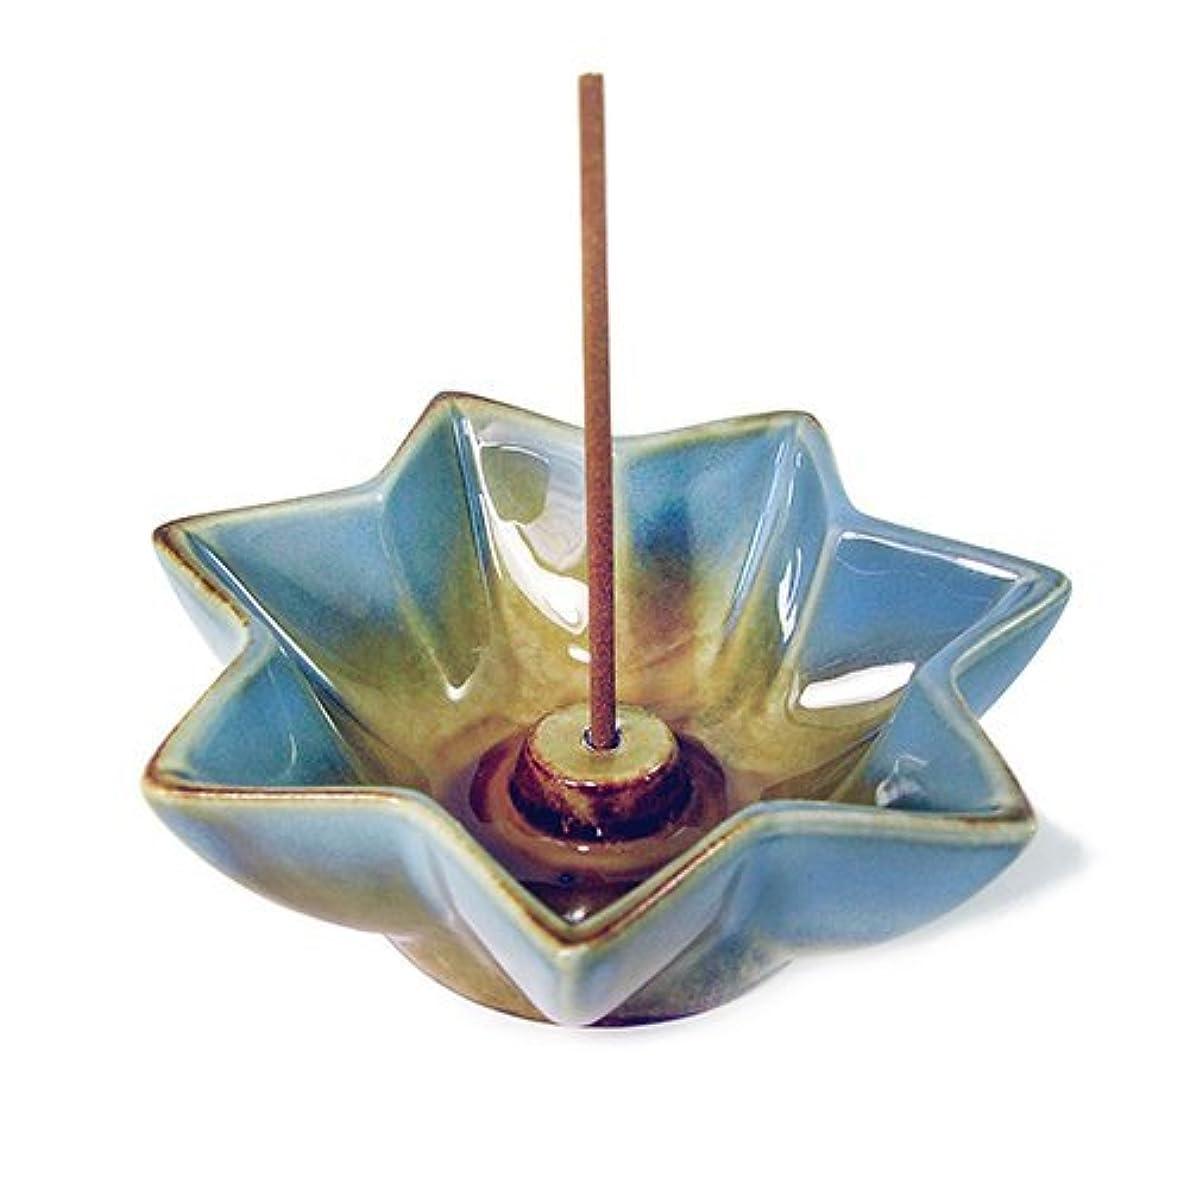 困惑した人気否認するShoyeido 's LotusセラミックIncense Holder